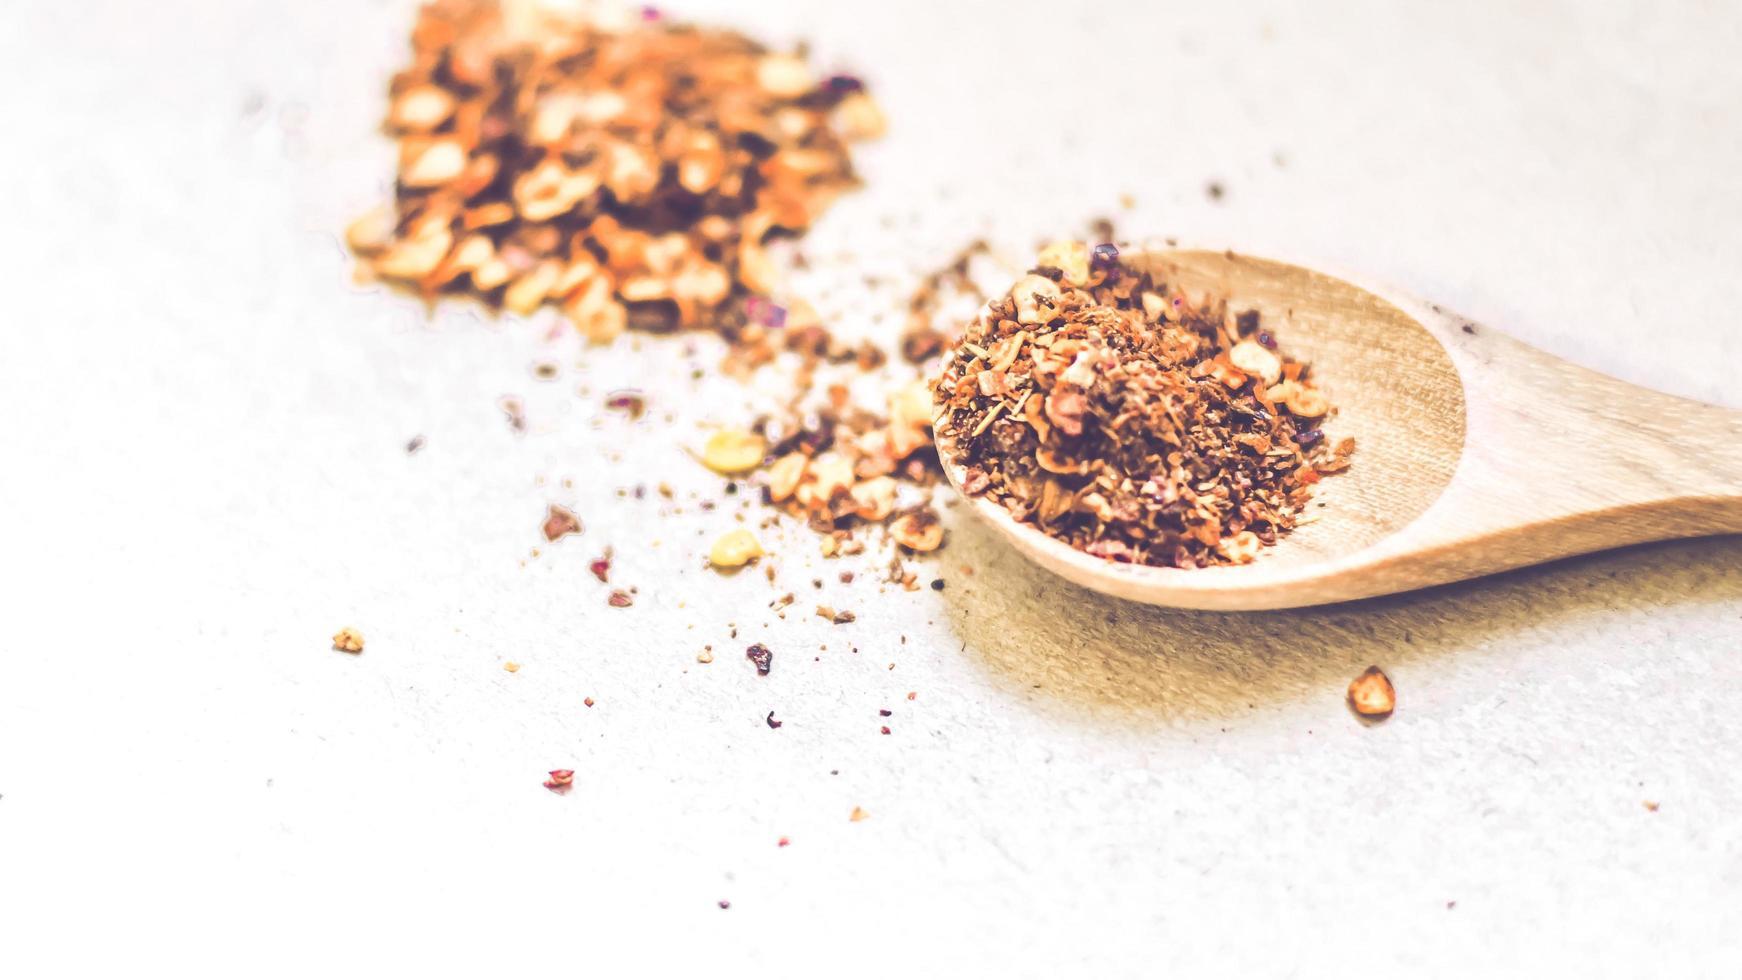 chile en polvo en una cuchara de madera foto